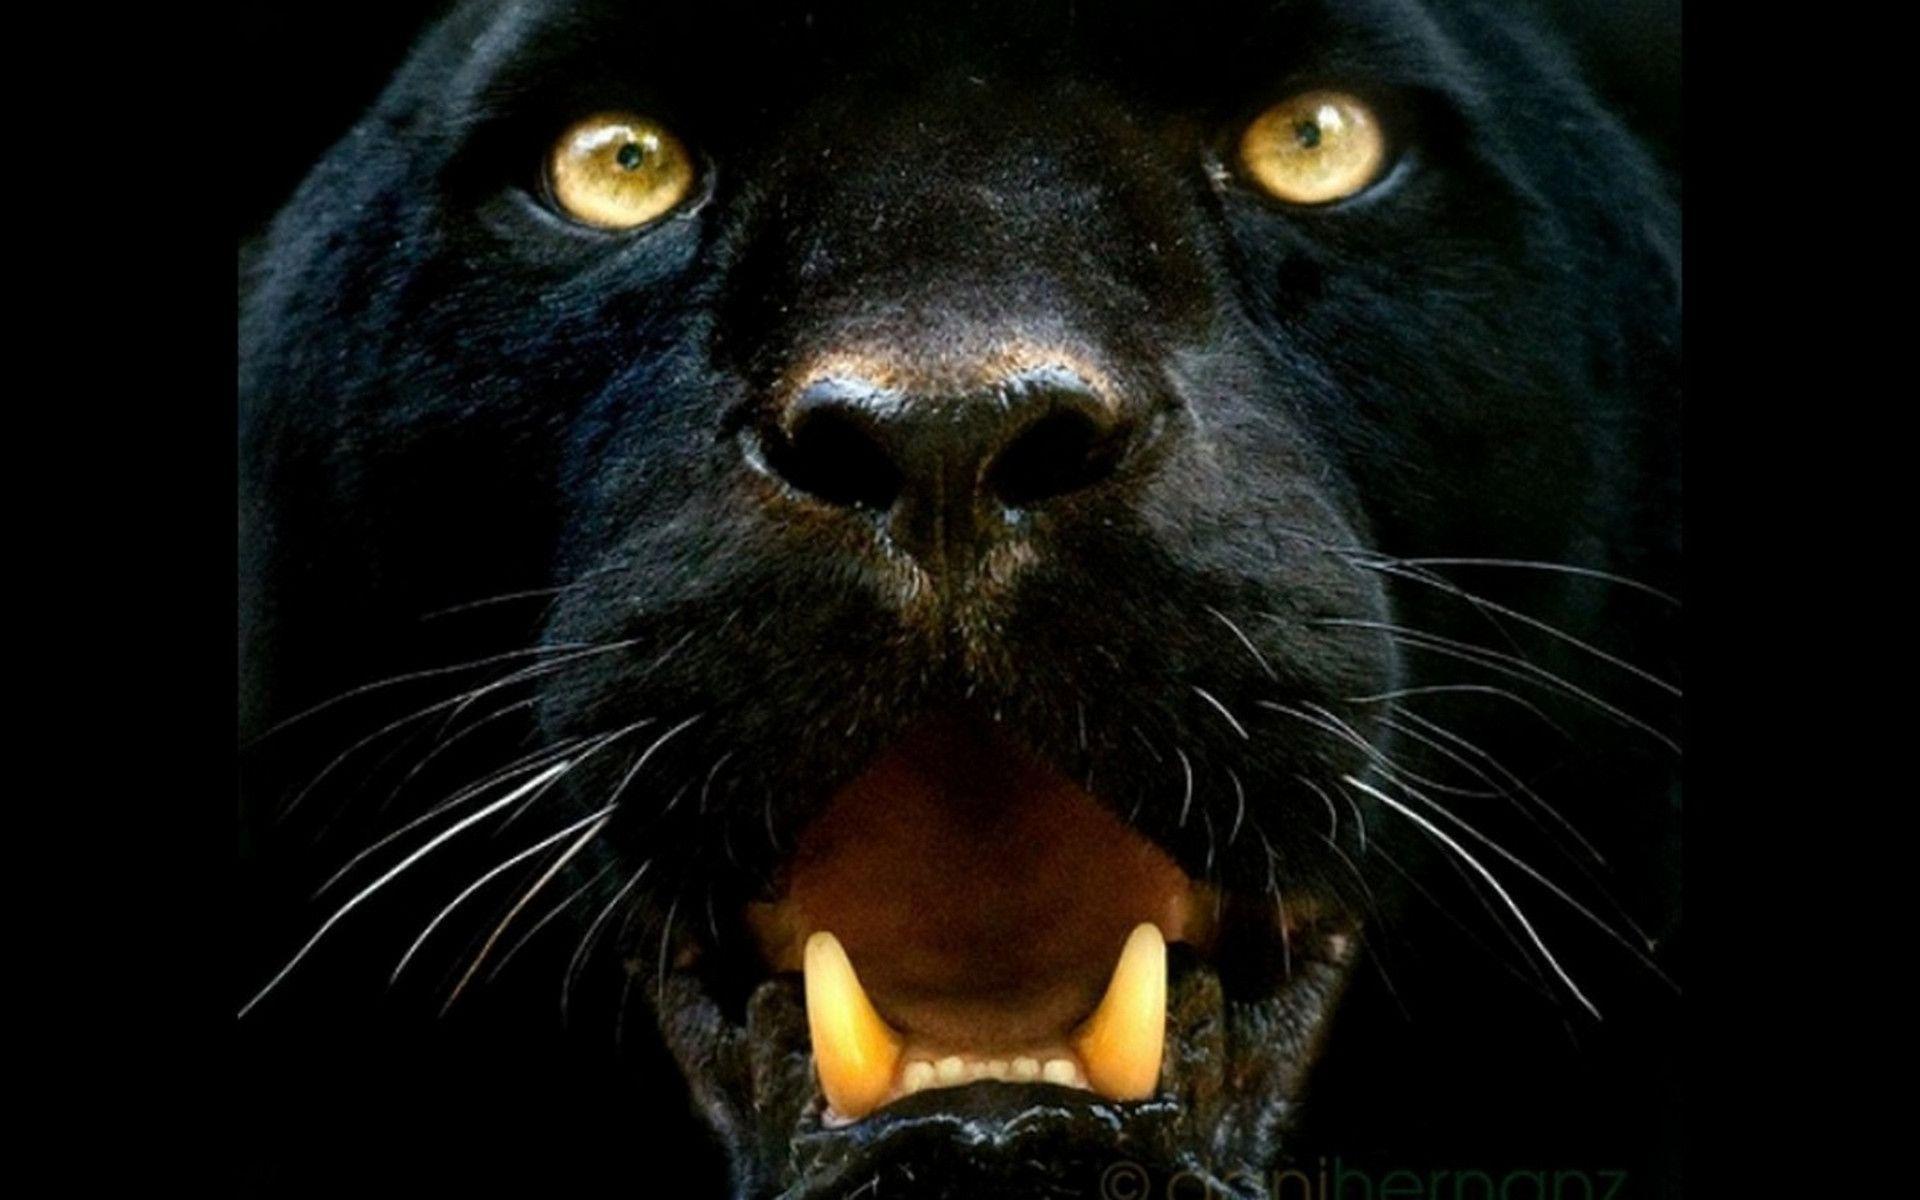 Black Panther Animal Wallpaper Download Belgium Hotels 5 Star